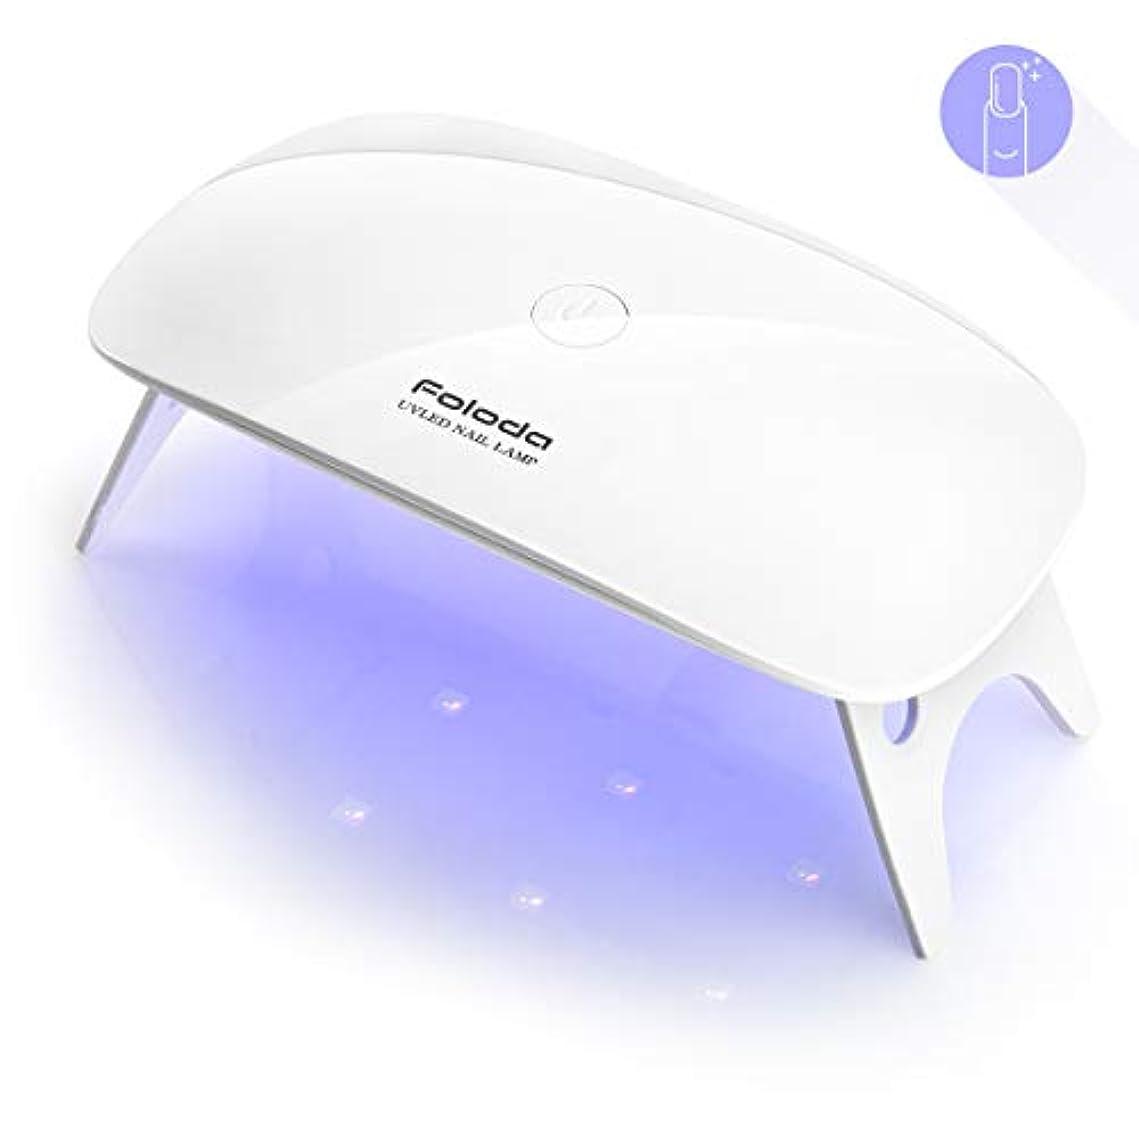 プログレッシブサイト精算LEDネイルドライヤー UVライト Foloda タイマー設定可能 折りたたみ式手足とも使える 人感センサー式 LED 硬化ライト UV と LEDダブルライト ジェルネイル用 ホワイト (white)